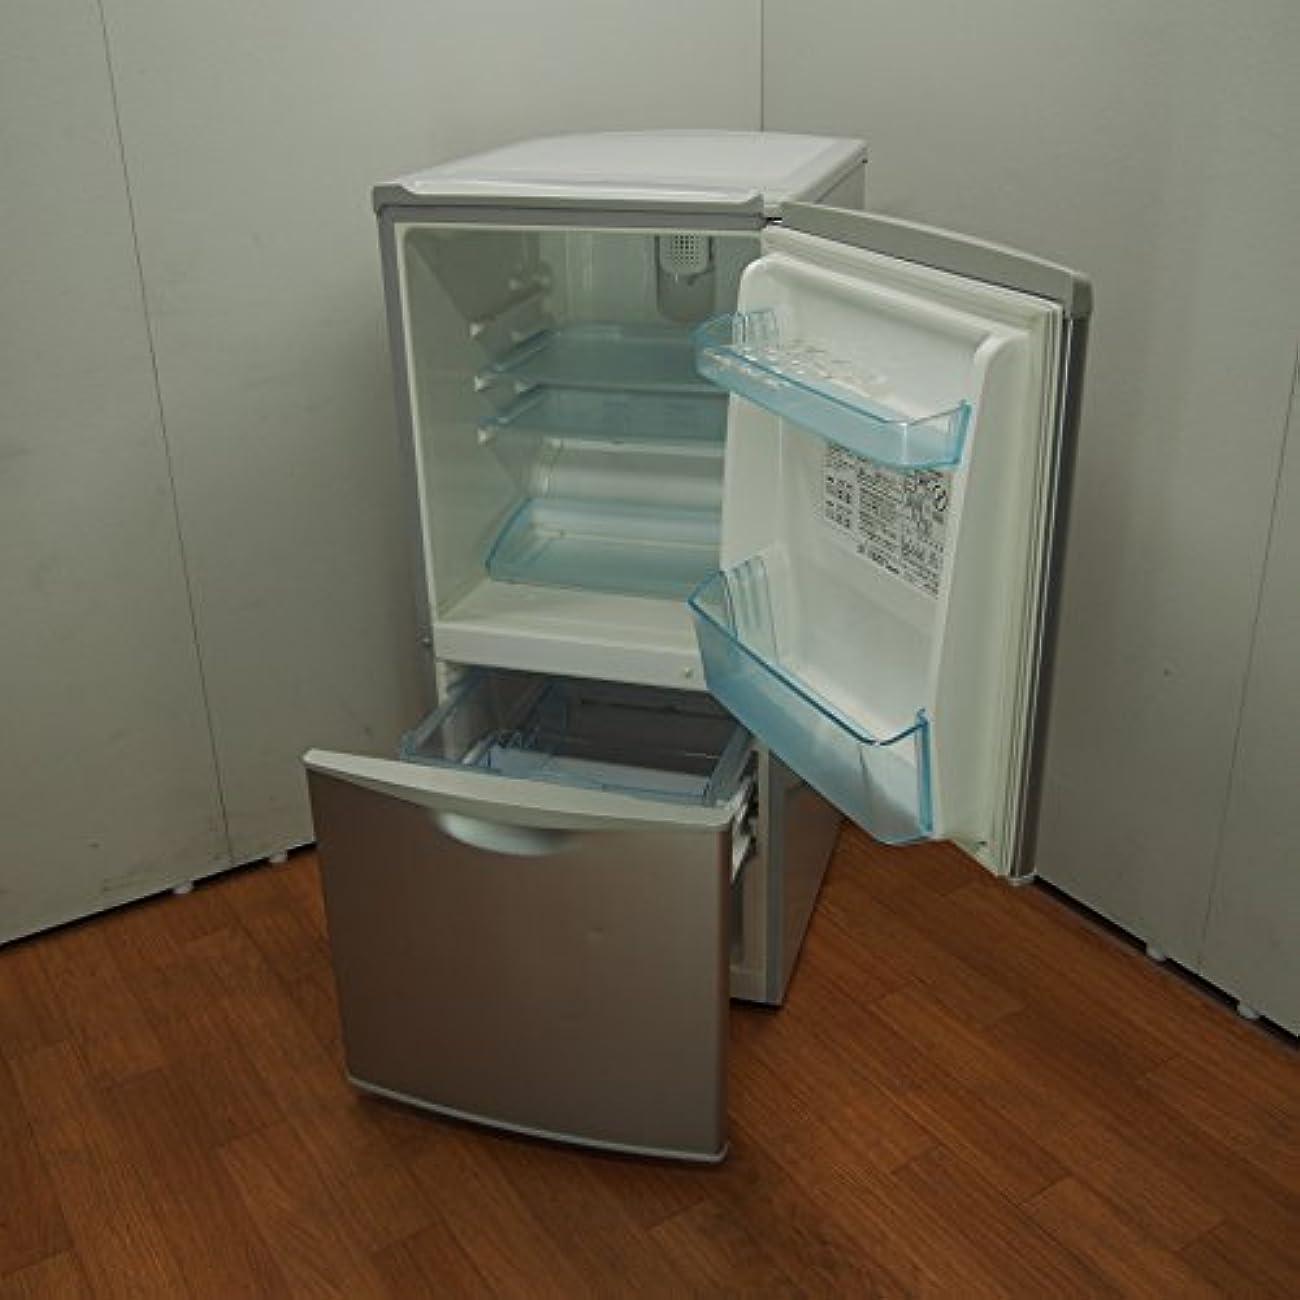 宇宙の篭顕著National NR-B121J-SH 122L パーソナル冷蔵庫 NR-B121J